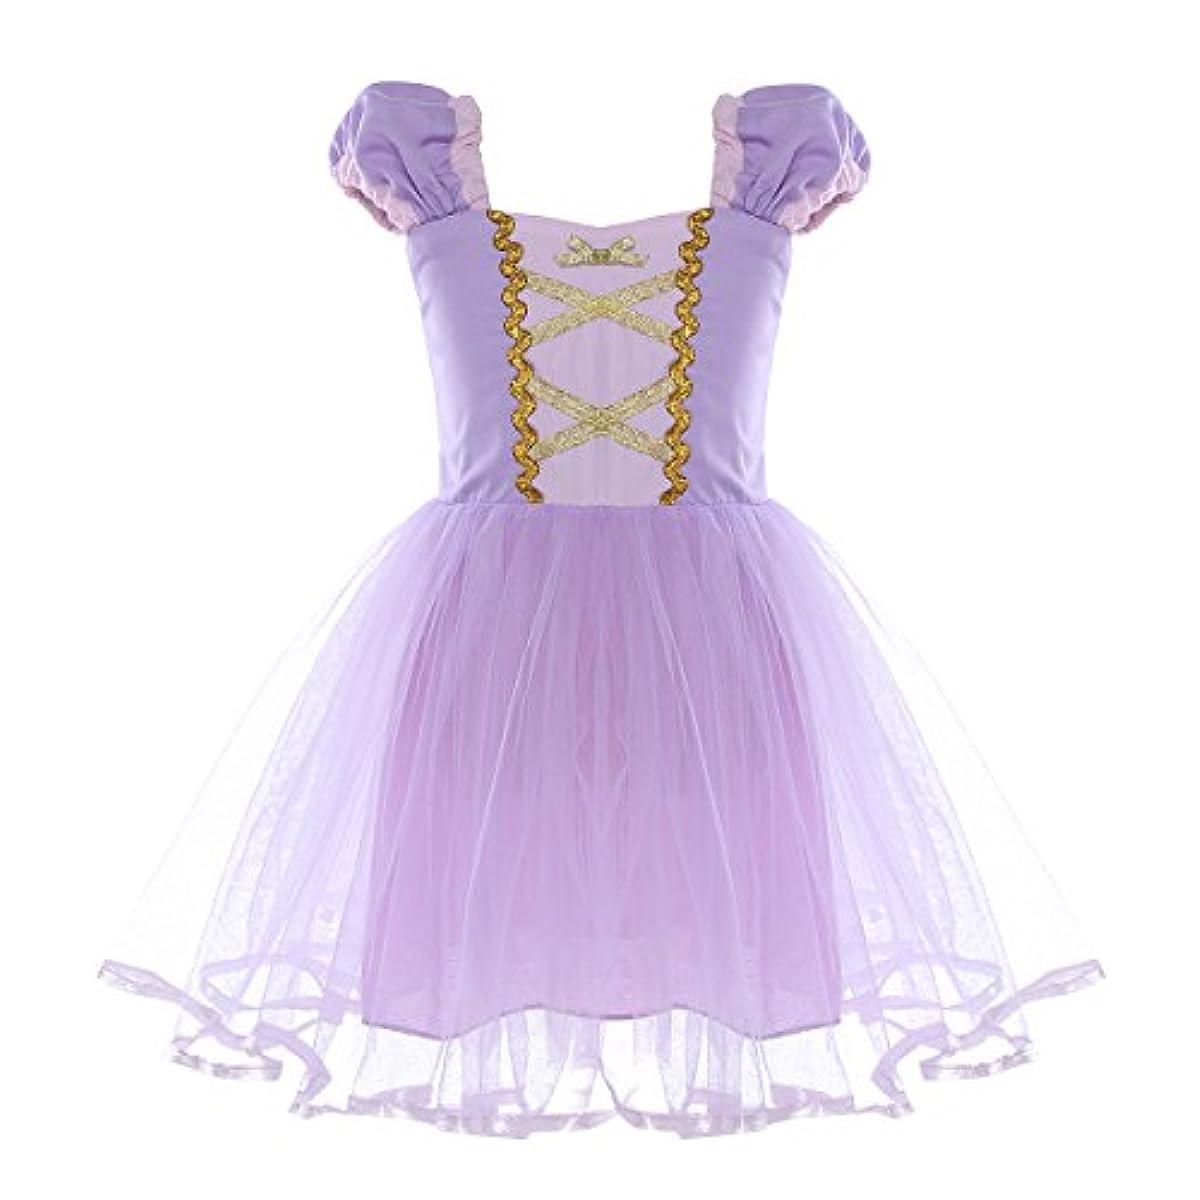 [해외] EFE(E EFF E) (E EFF E)EFE아이 프린세스 드레스 아이 드레스 키즈 아이 공주님 원피스 디즈니 공주님 드레스 소녀 변신(나리키리) 키즈 드레스 lavender110